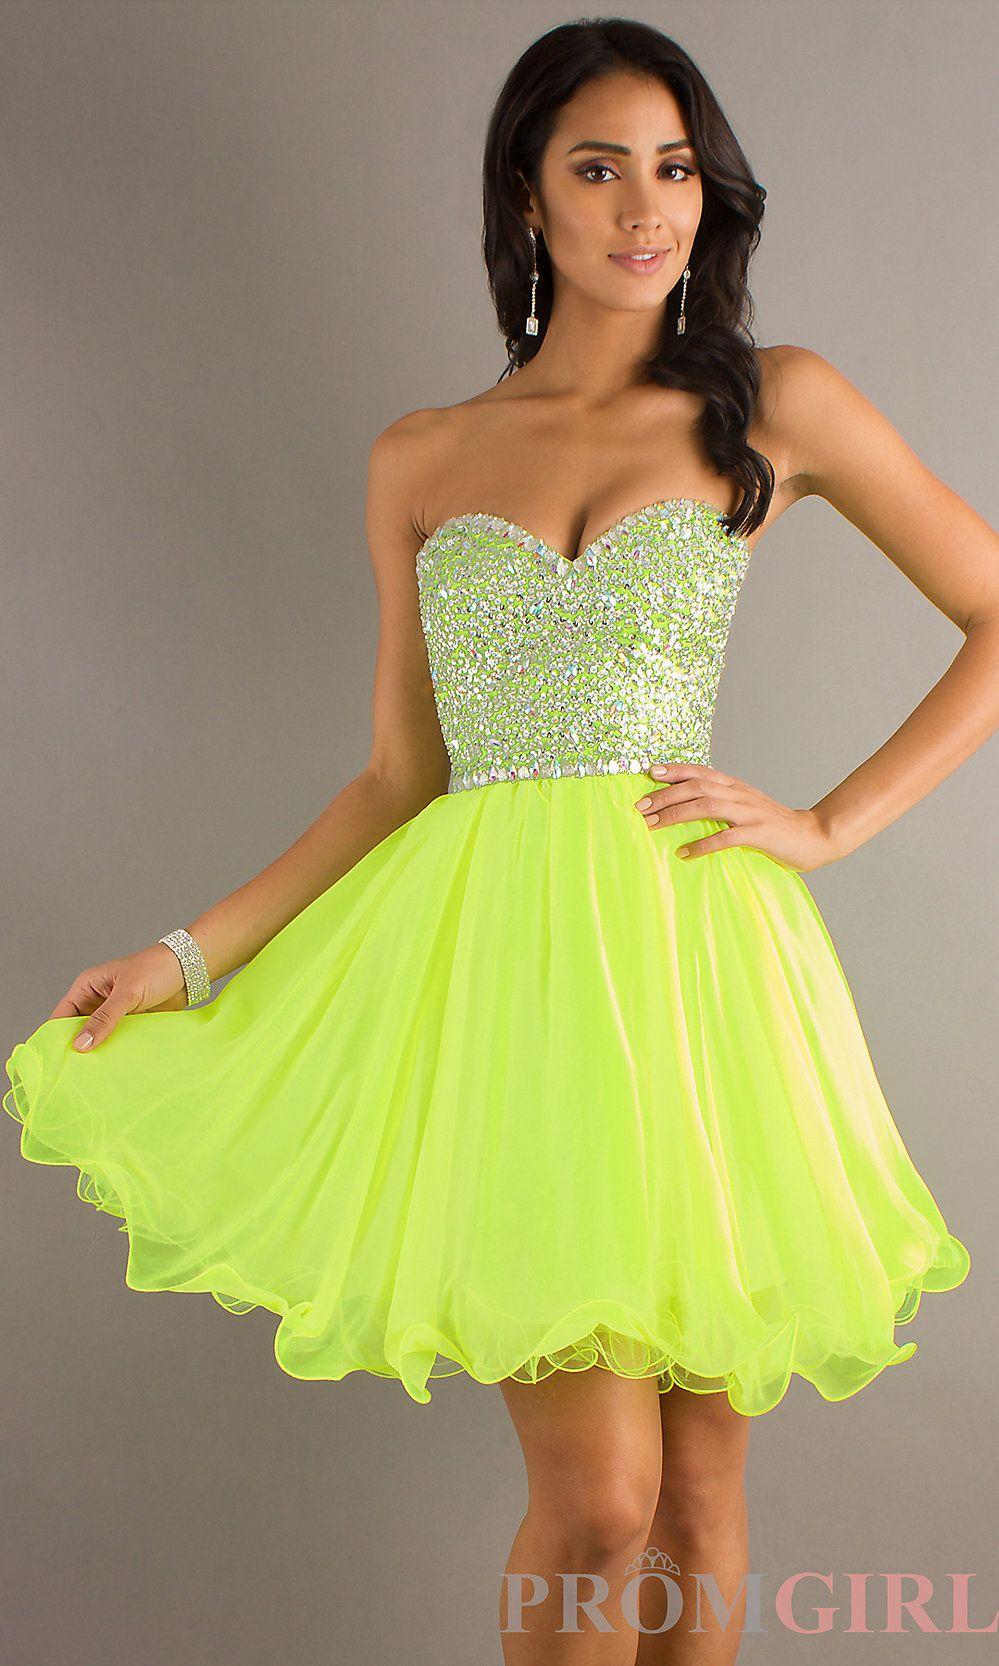 Strapless short prom dress short strapless dresses promgirl prom